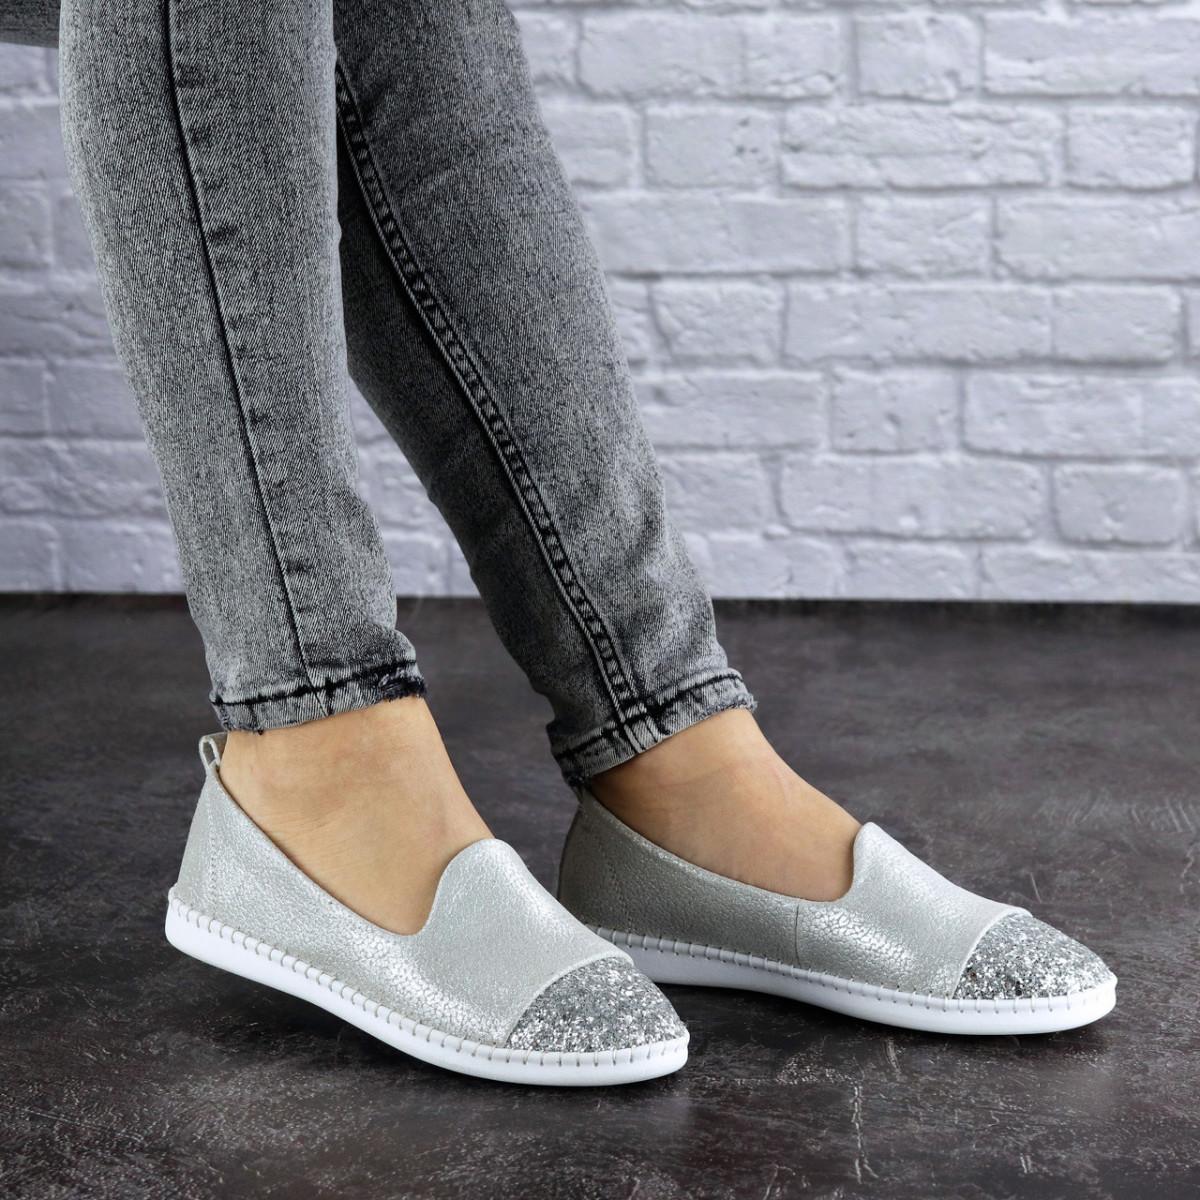 Женские кожаные серебристые туфли Tweety 1783 (37 размер)